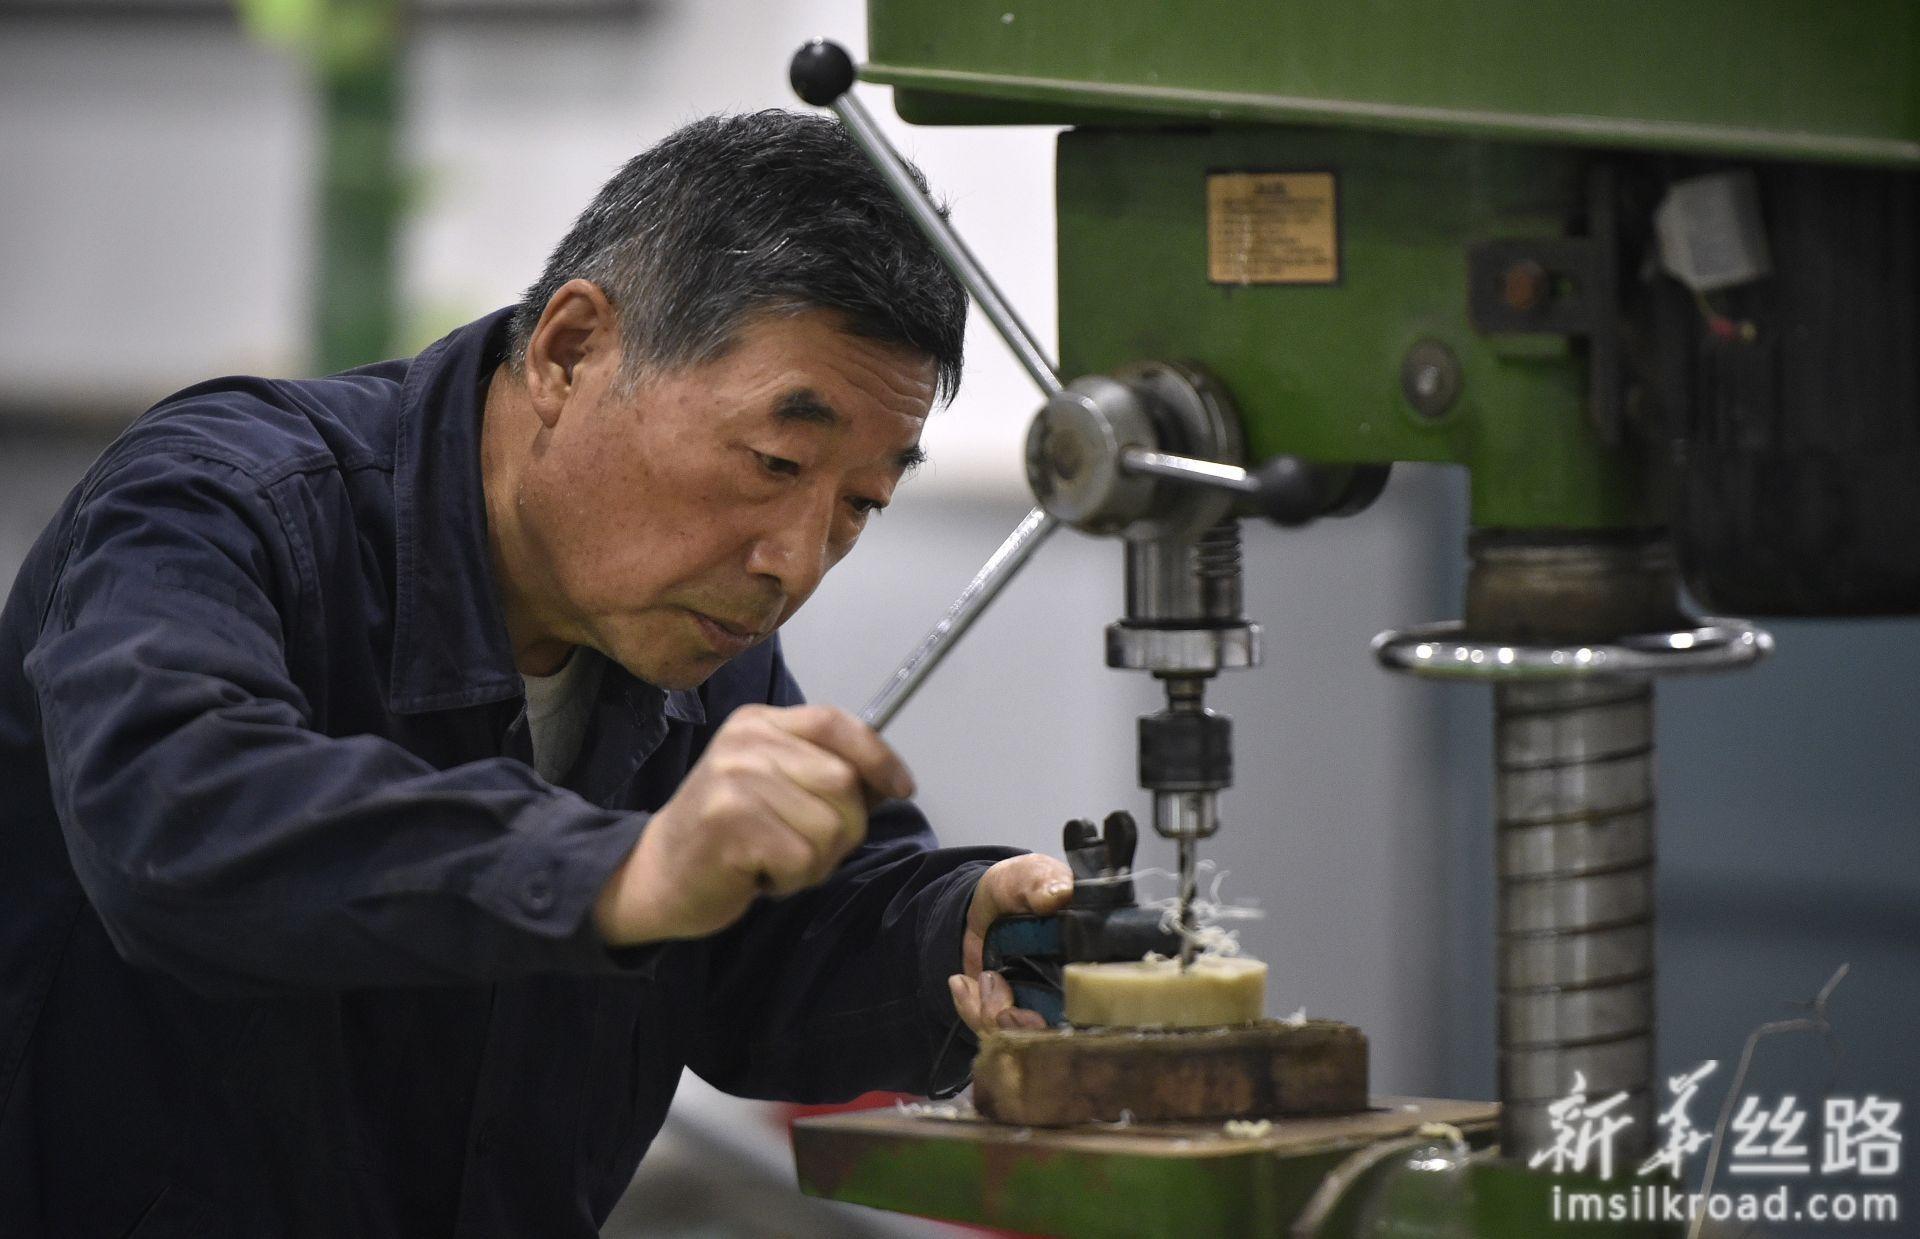 退休返聘的全国劳模李晏家在鞍钢焦化总厂职工实训室制作实训工具(4月24日摄)。 新华社记者 姚剑锋 摄